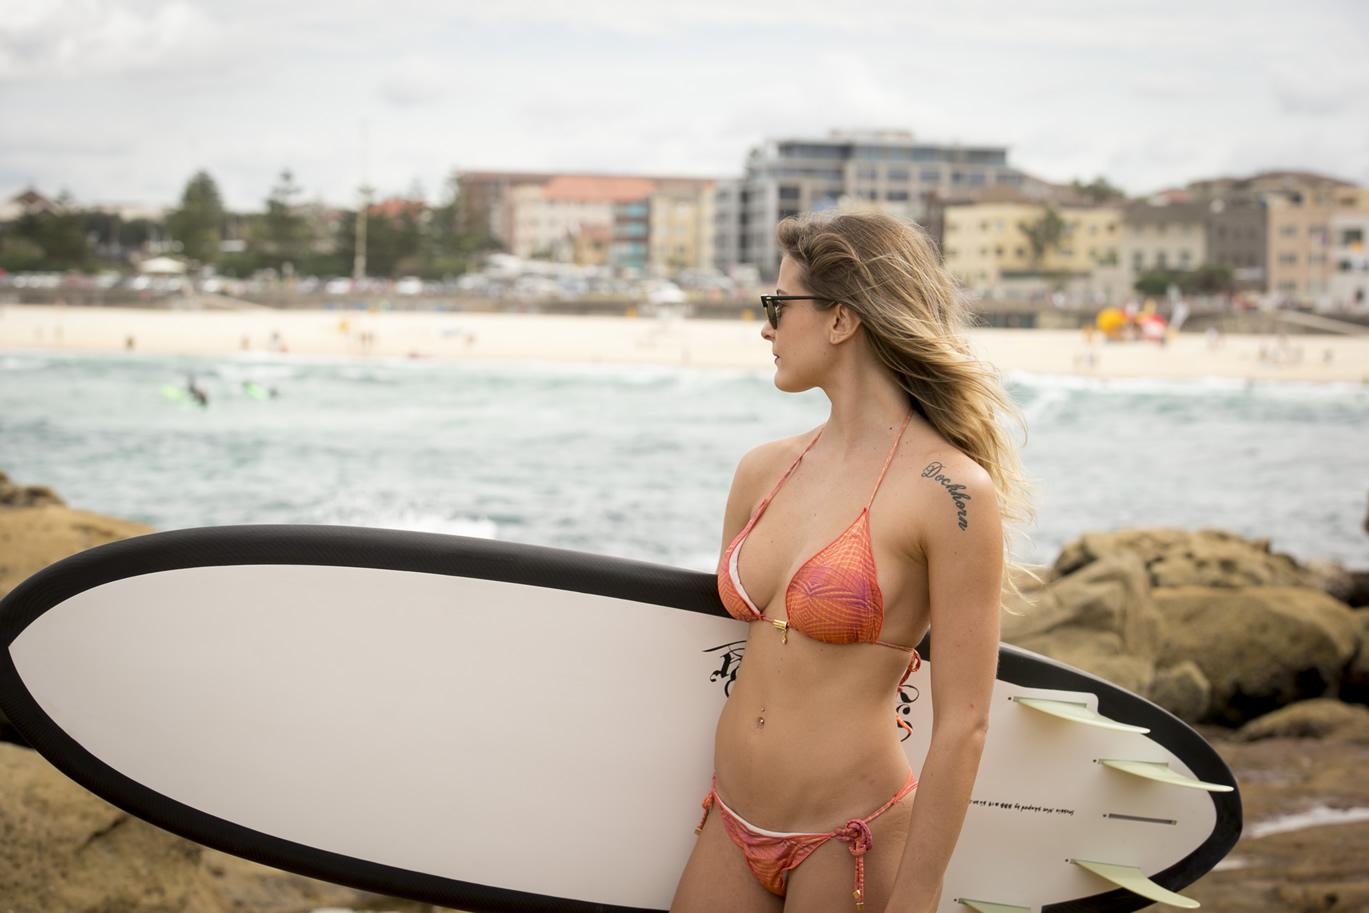 Stubby-nut-surfboard-bondi2